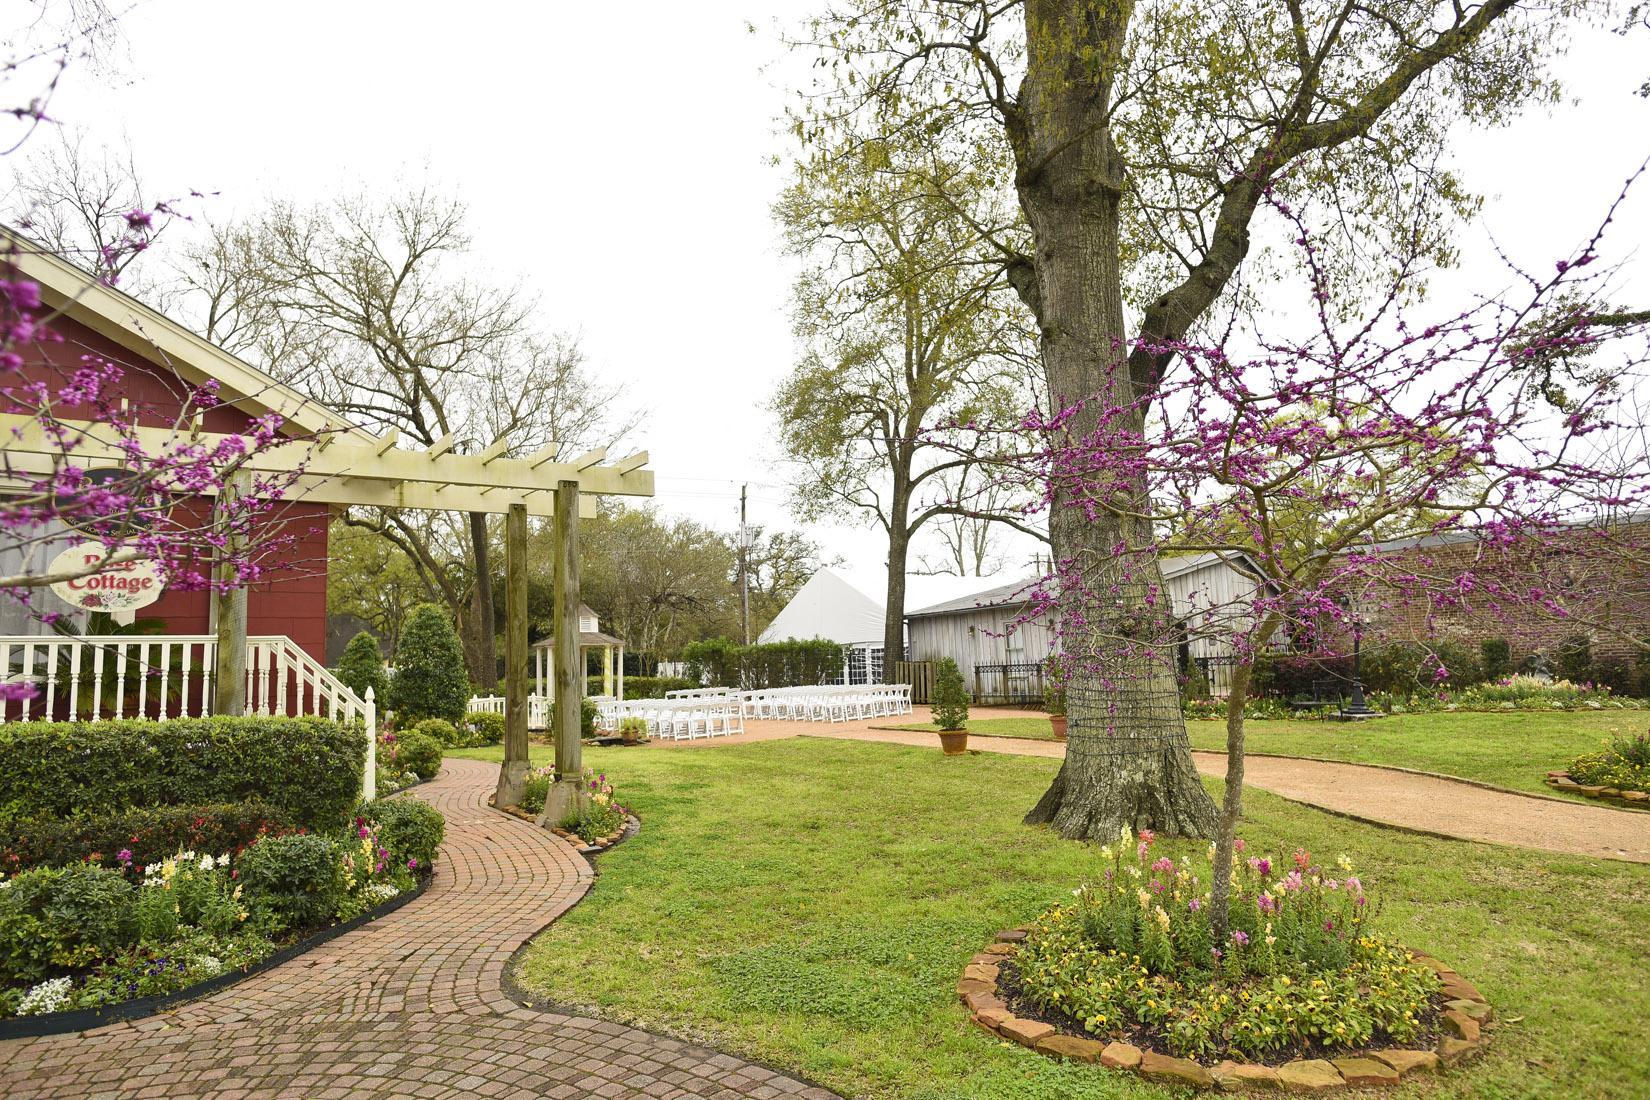 butlers-courtyard-league-city-wedding-venue-details